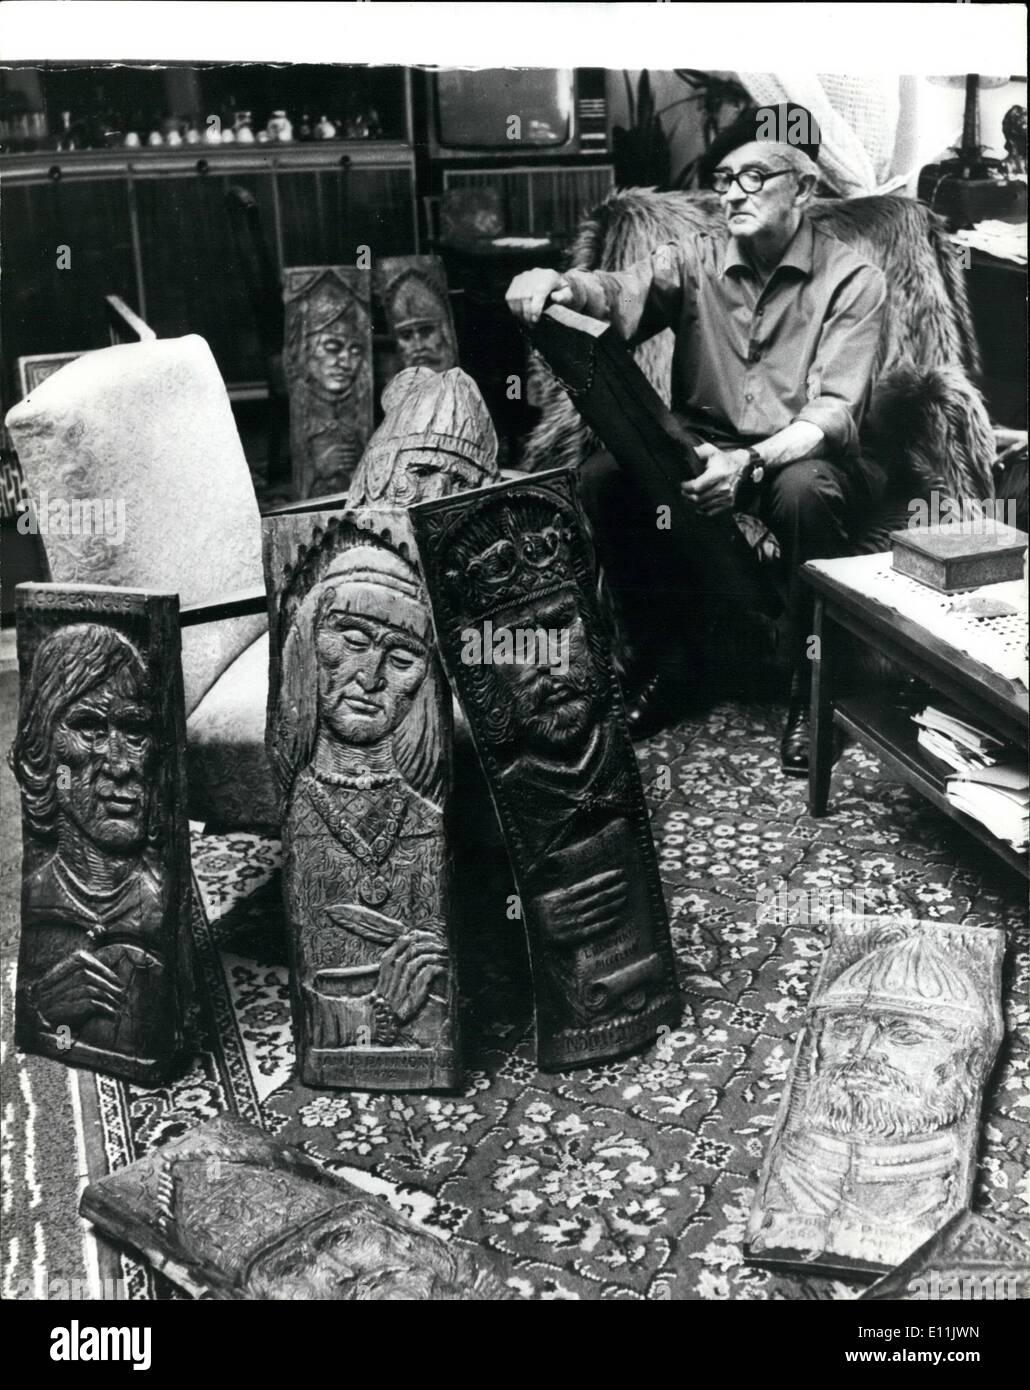 Agosto 08, 1978 - Historia tallada en madera: escultor húngaro Gyula Zagon visto en el trabajo tallar los retratos de personajes históricos medievales en madera. Él utiliza un nuevo material para la producción de sus esculturas - son centenarias vigas de roble. Imagen De Stock